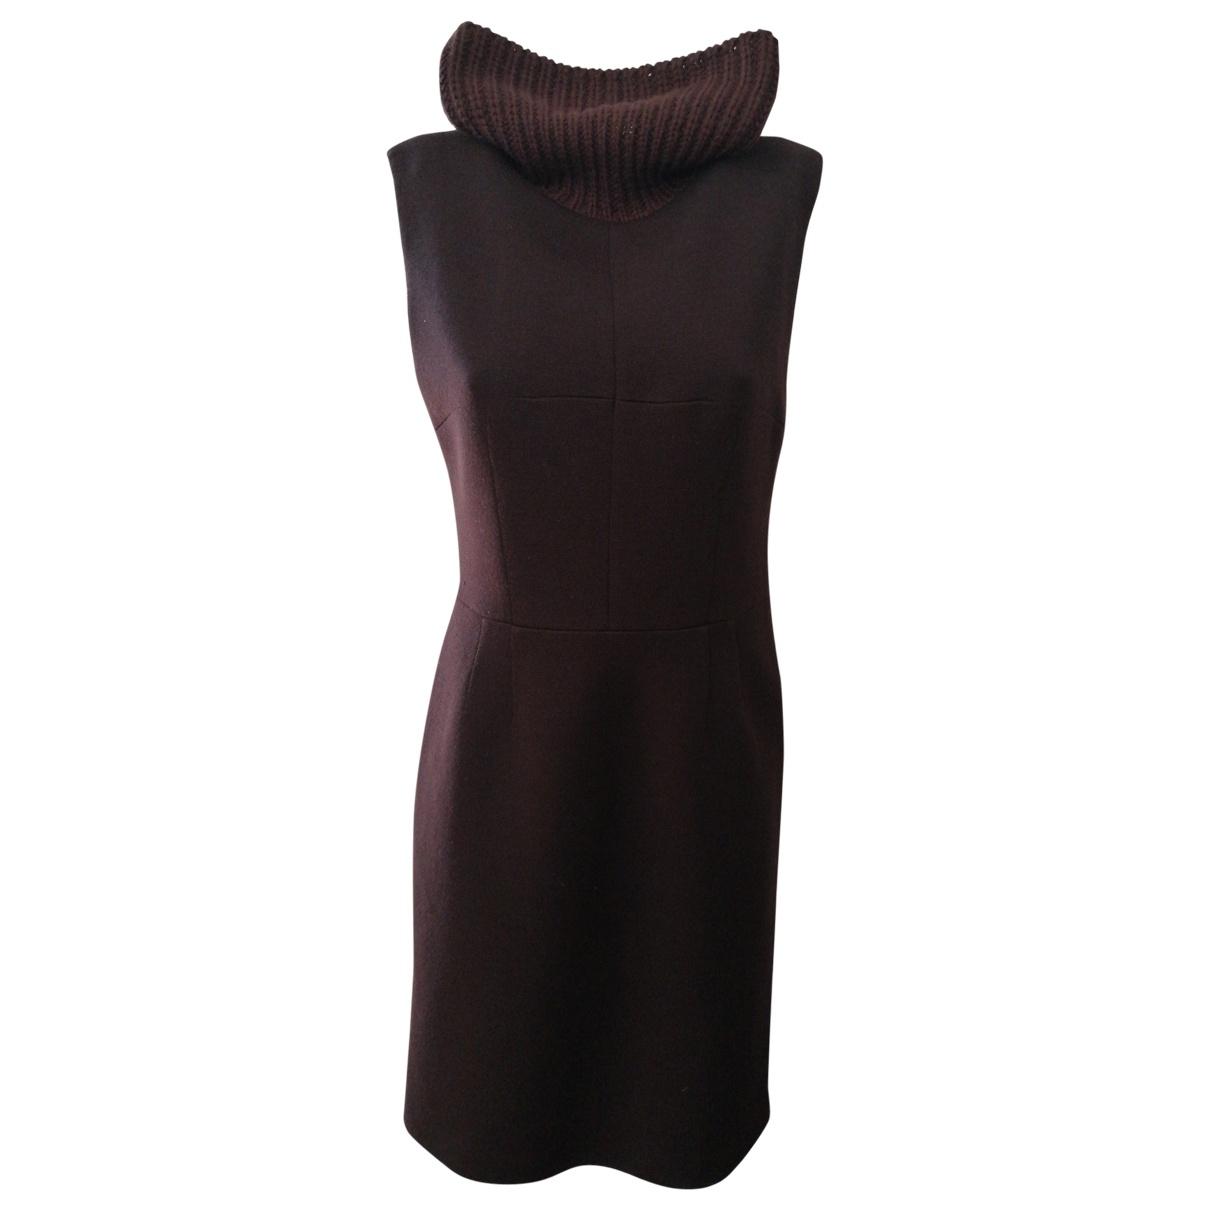 Dolce & Gabbana \N Brown Wool dress for Women 44 IT